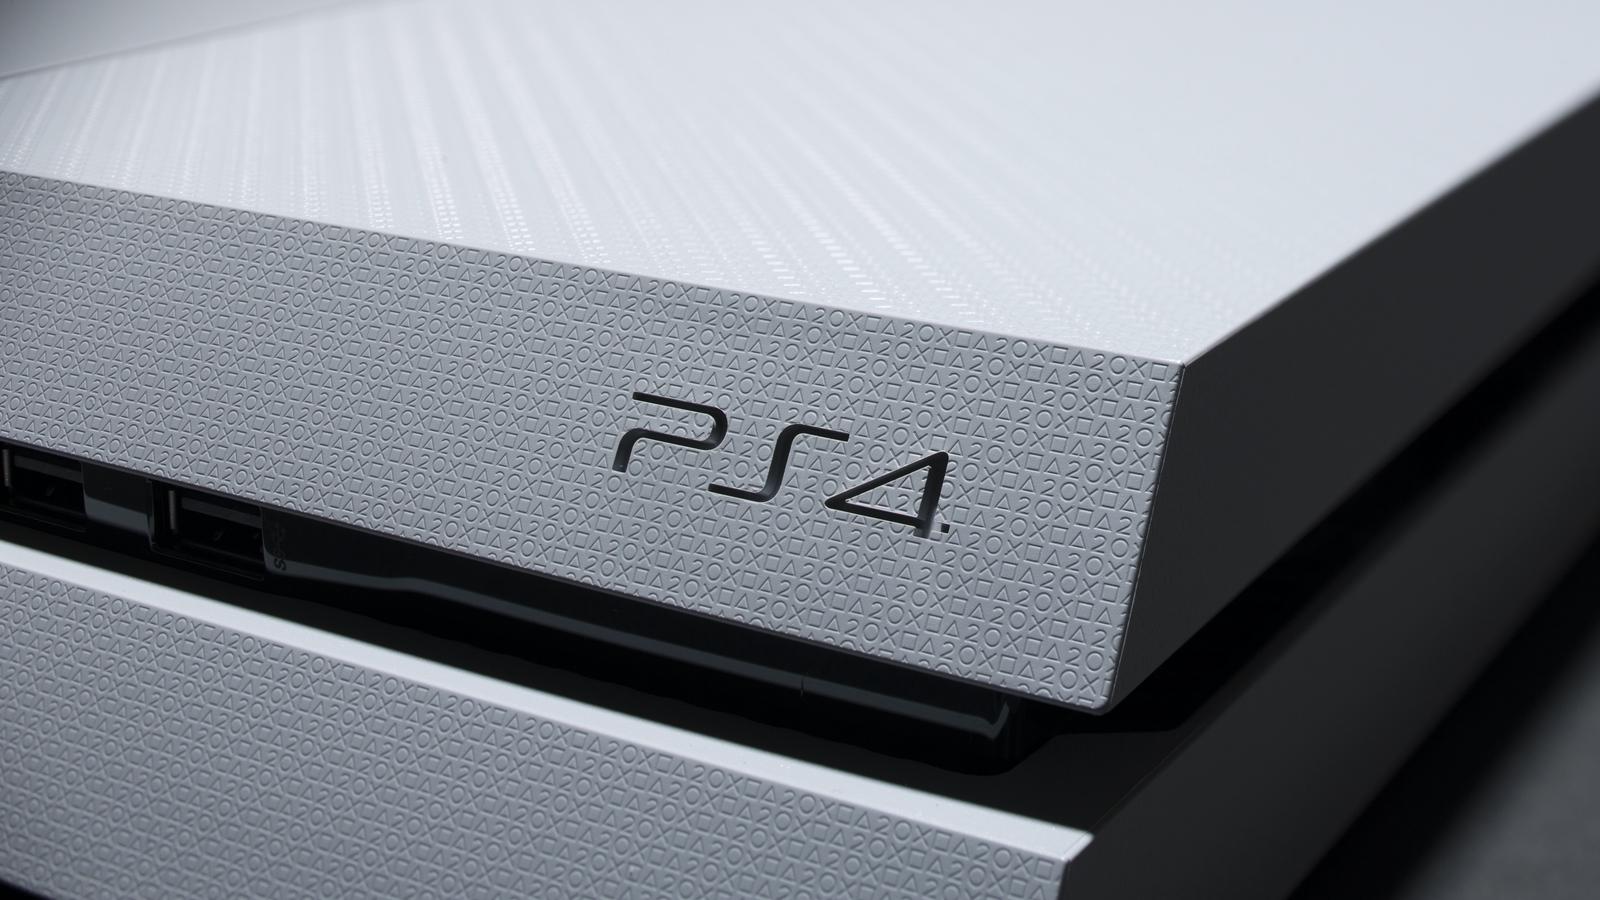 Nên mua PlayStation 4 nào dịp cận Tết? - Hình 1